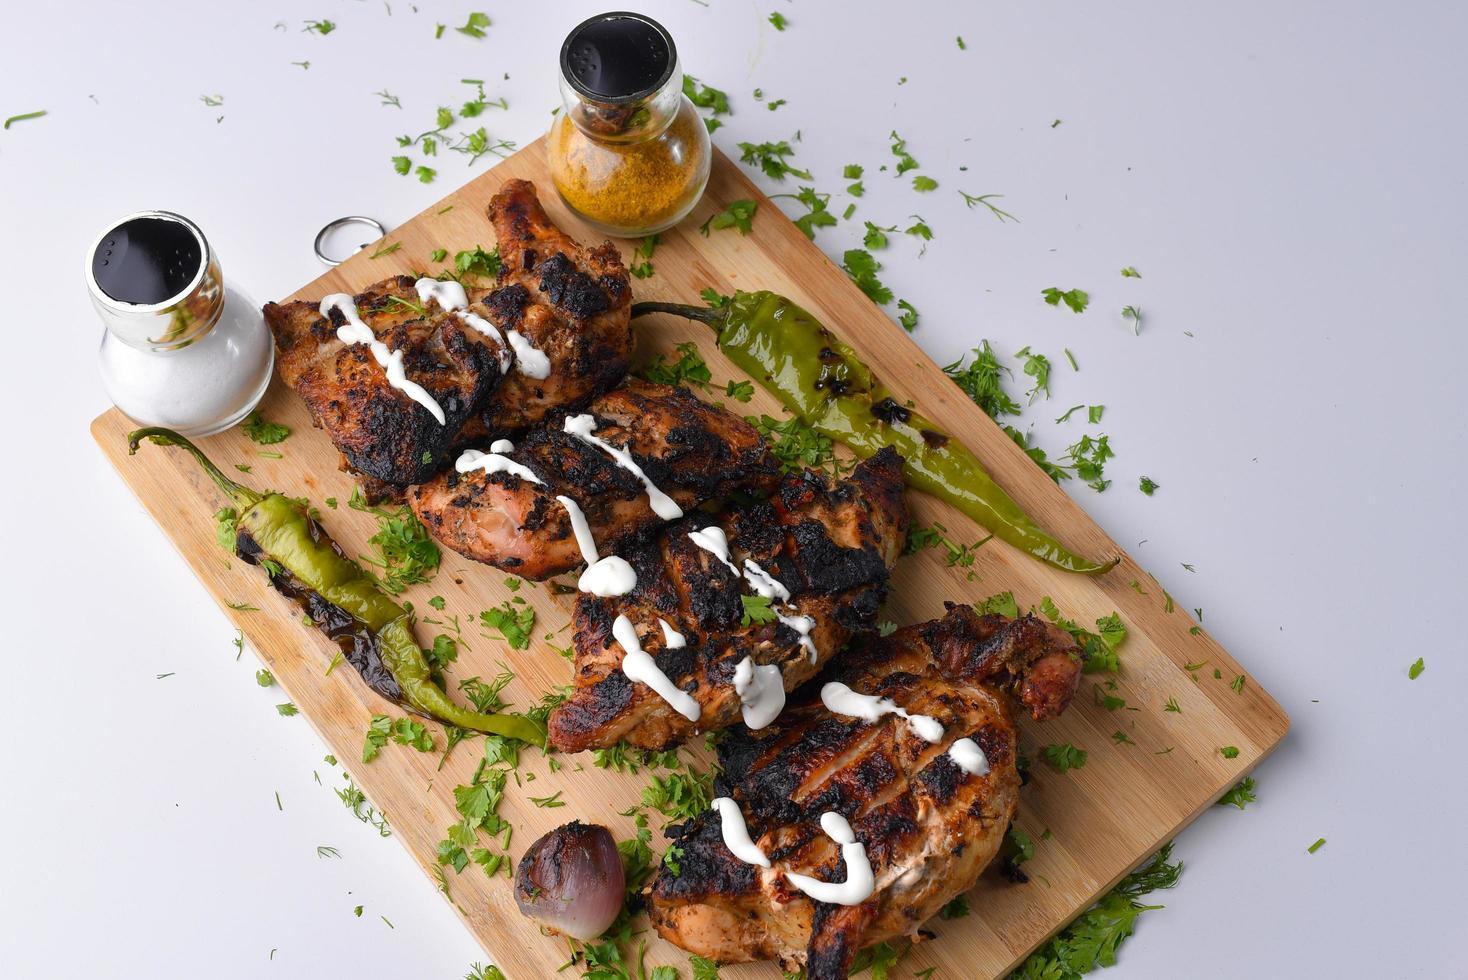 poulet grillé avec accompagnements photo